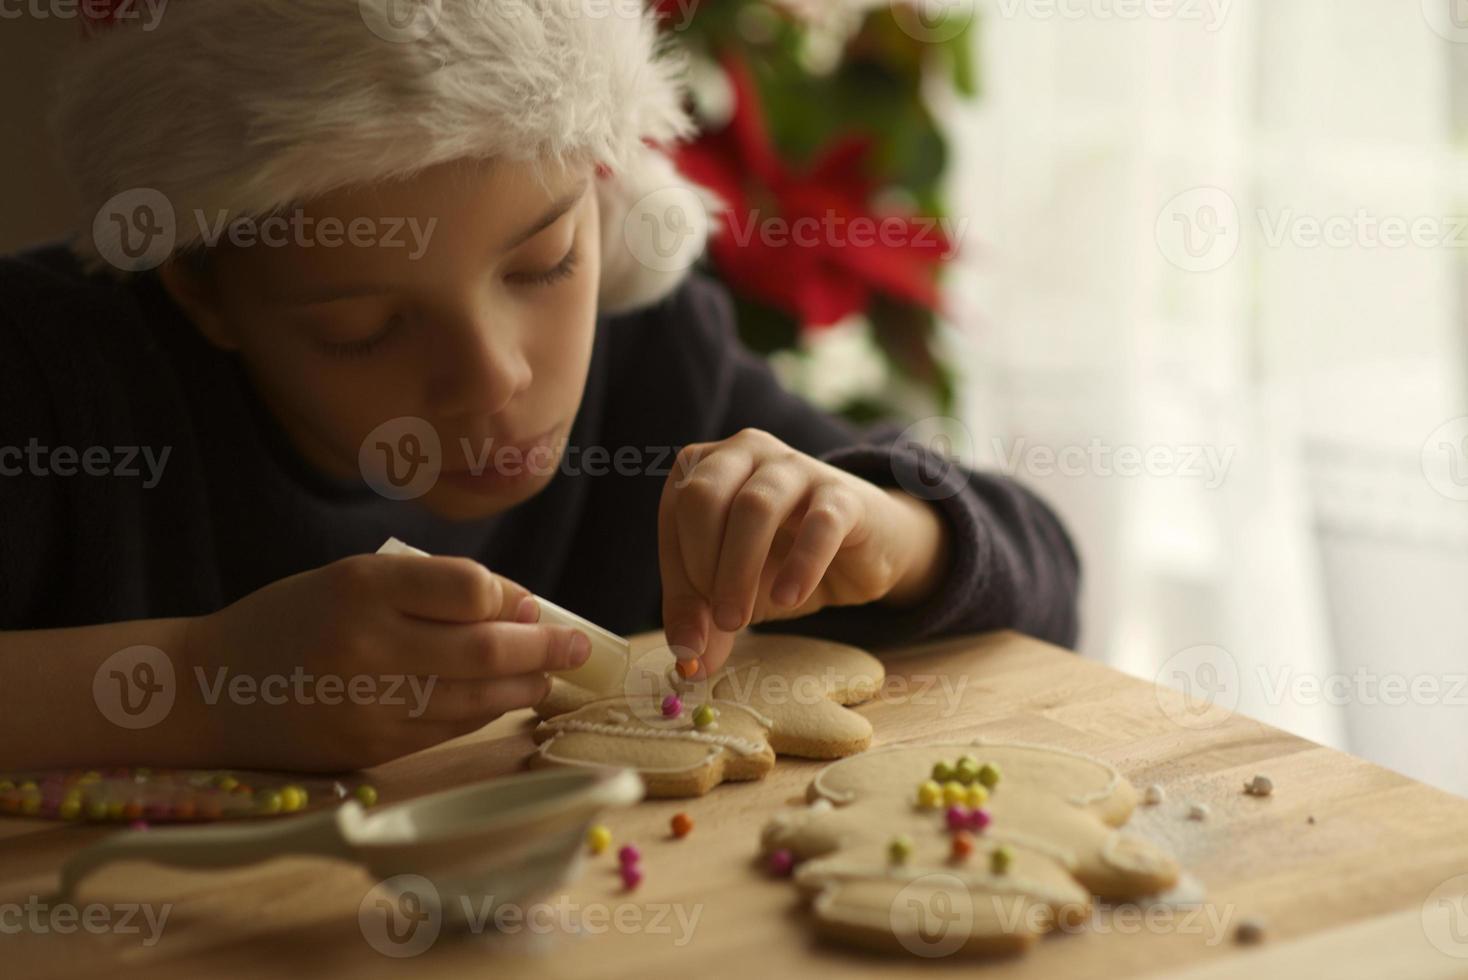 geconcentreerd kind bereidt peperkoekman voor op Kerstmis foto